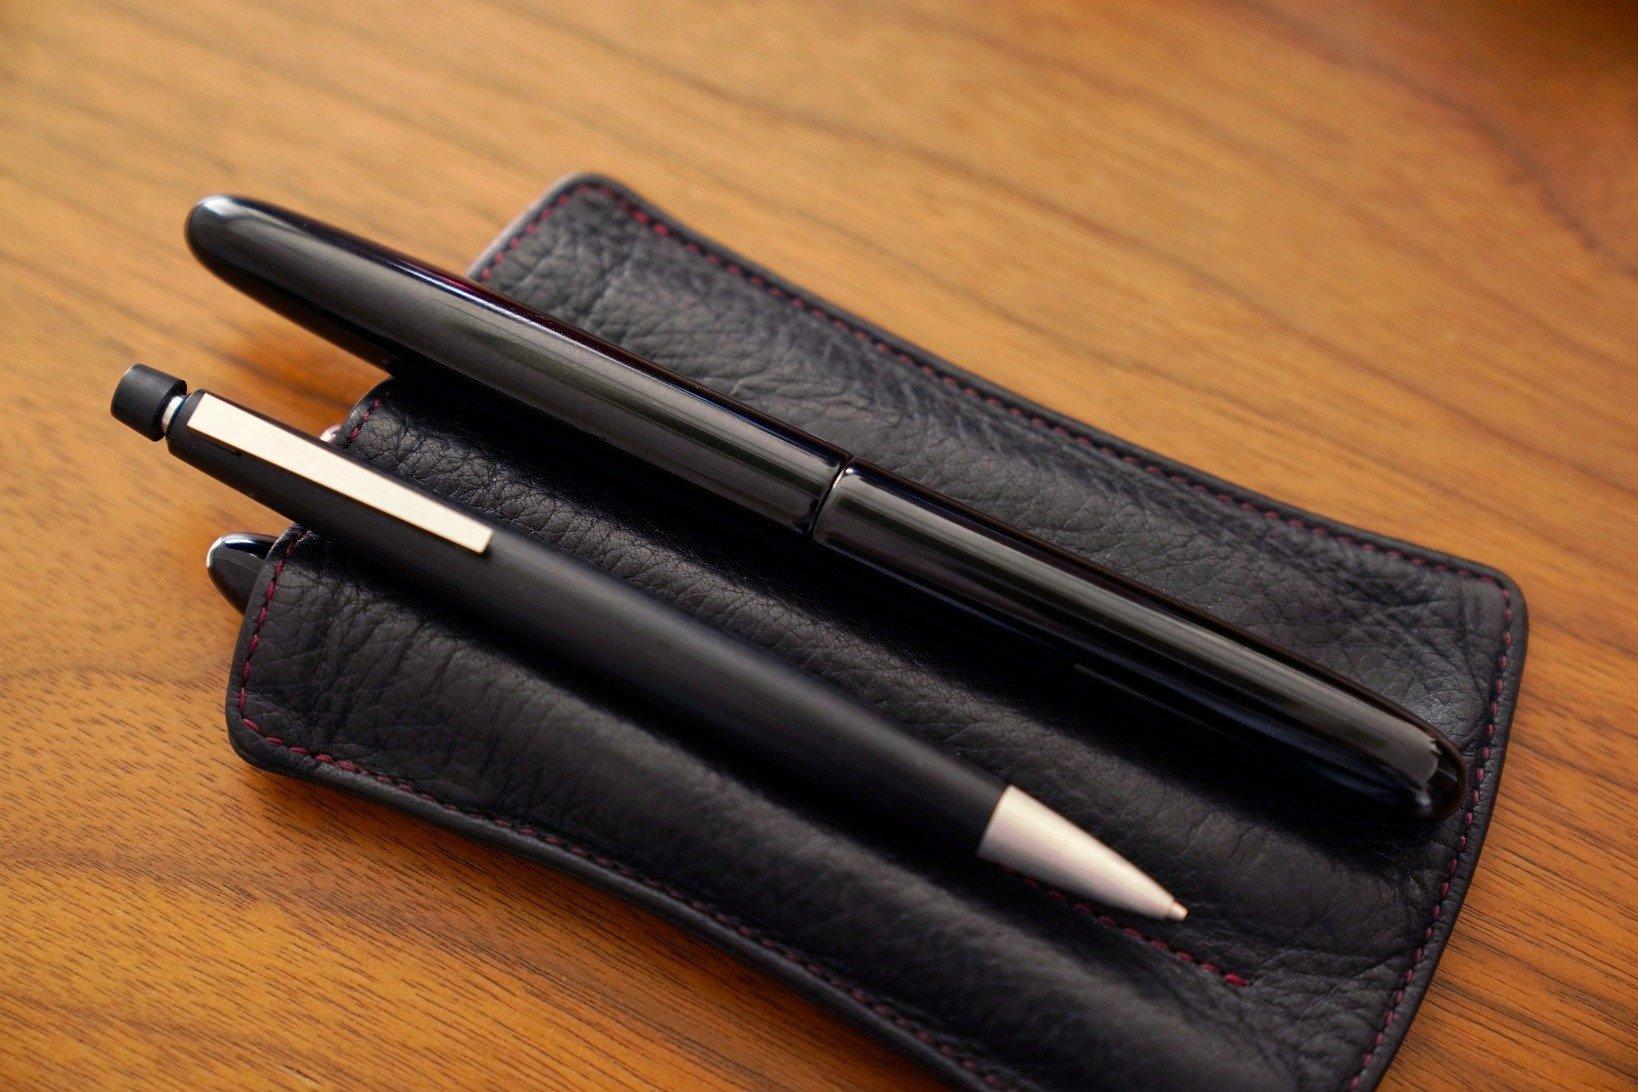 土橋さんが禅と表現する一本、中屋万年筆のシガーモデル、#3776センチュリー(写真奥)